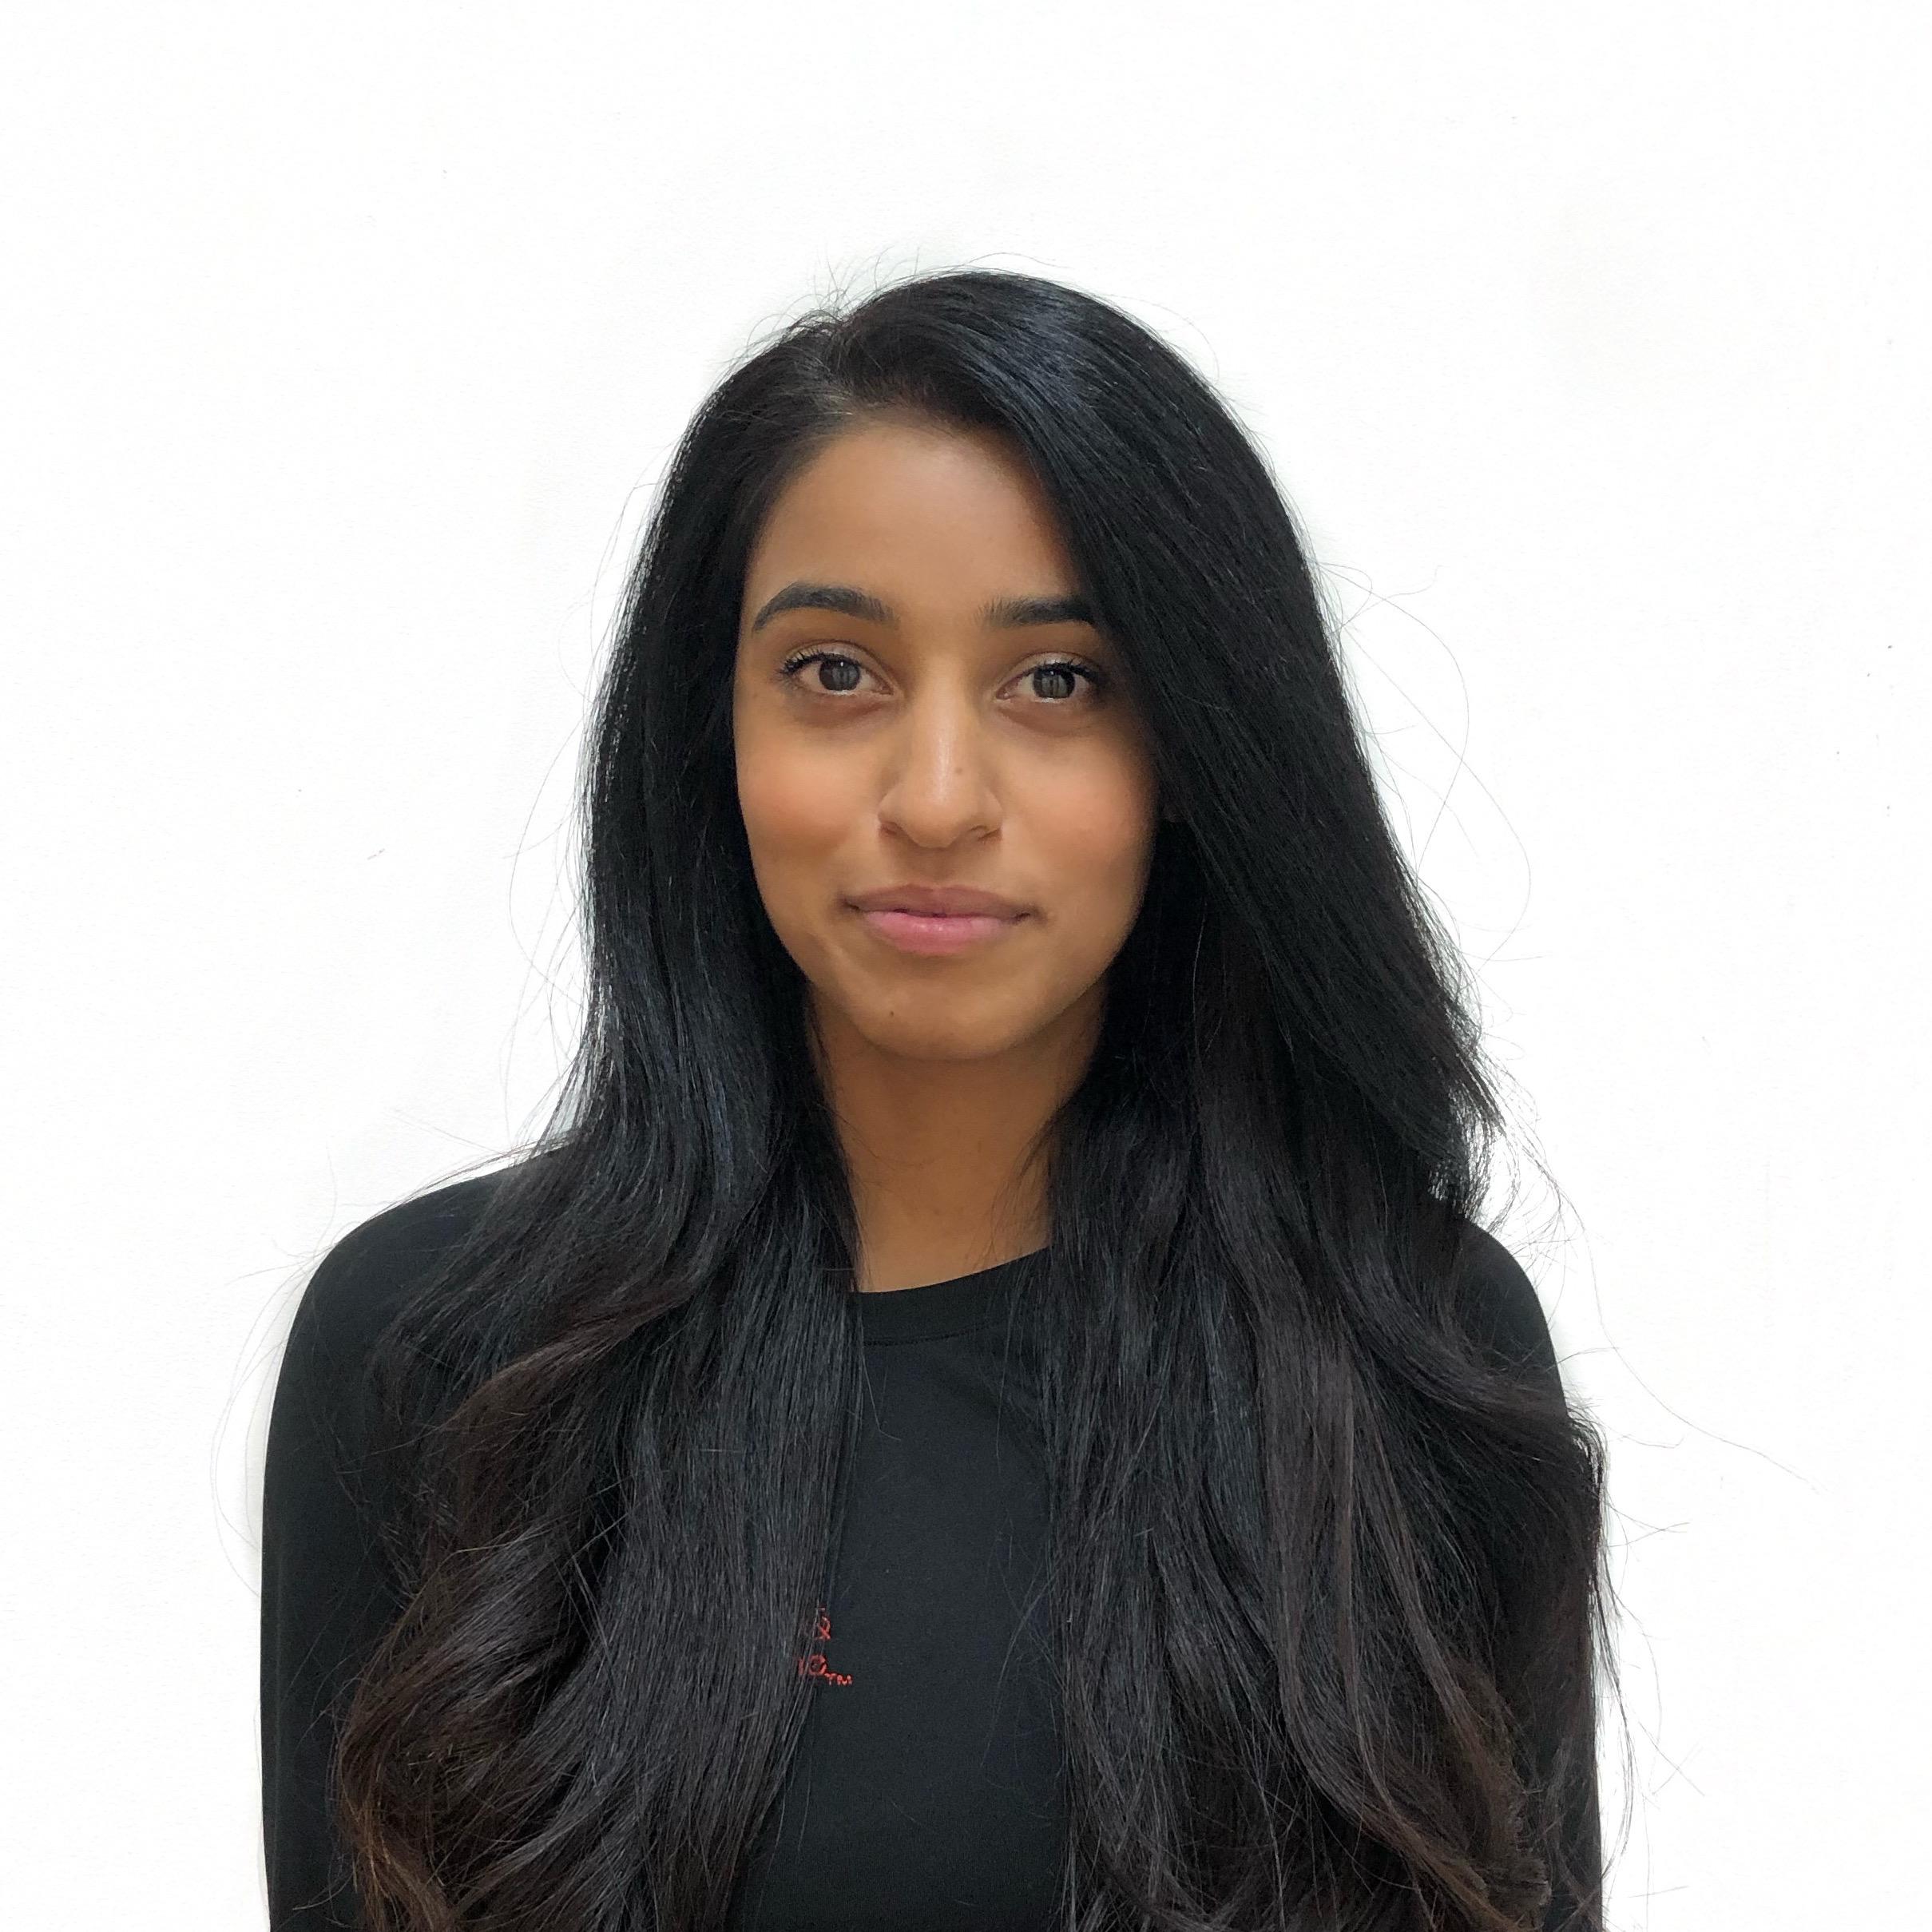 Trishna Patel